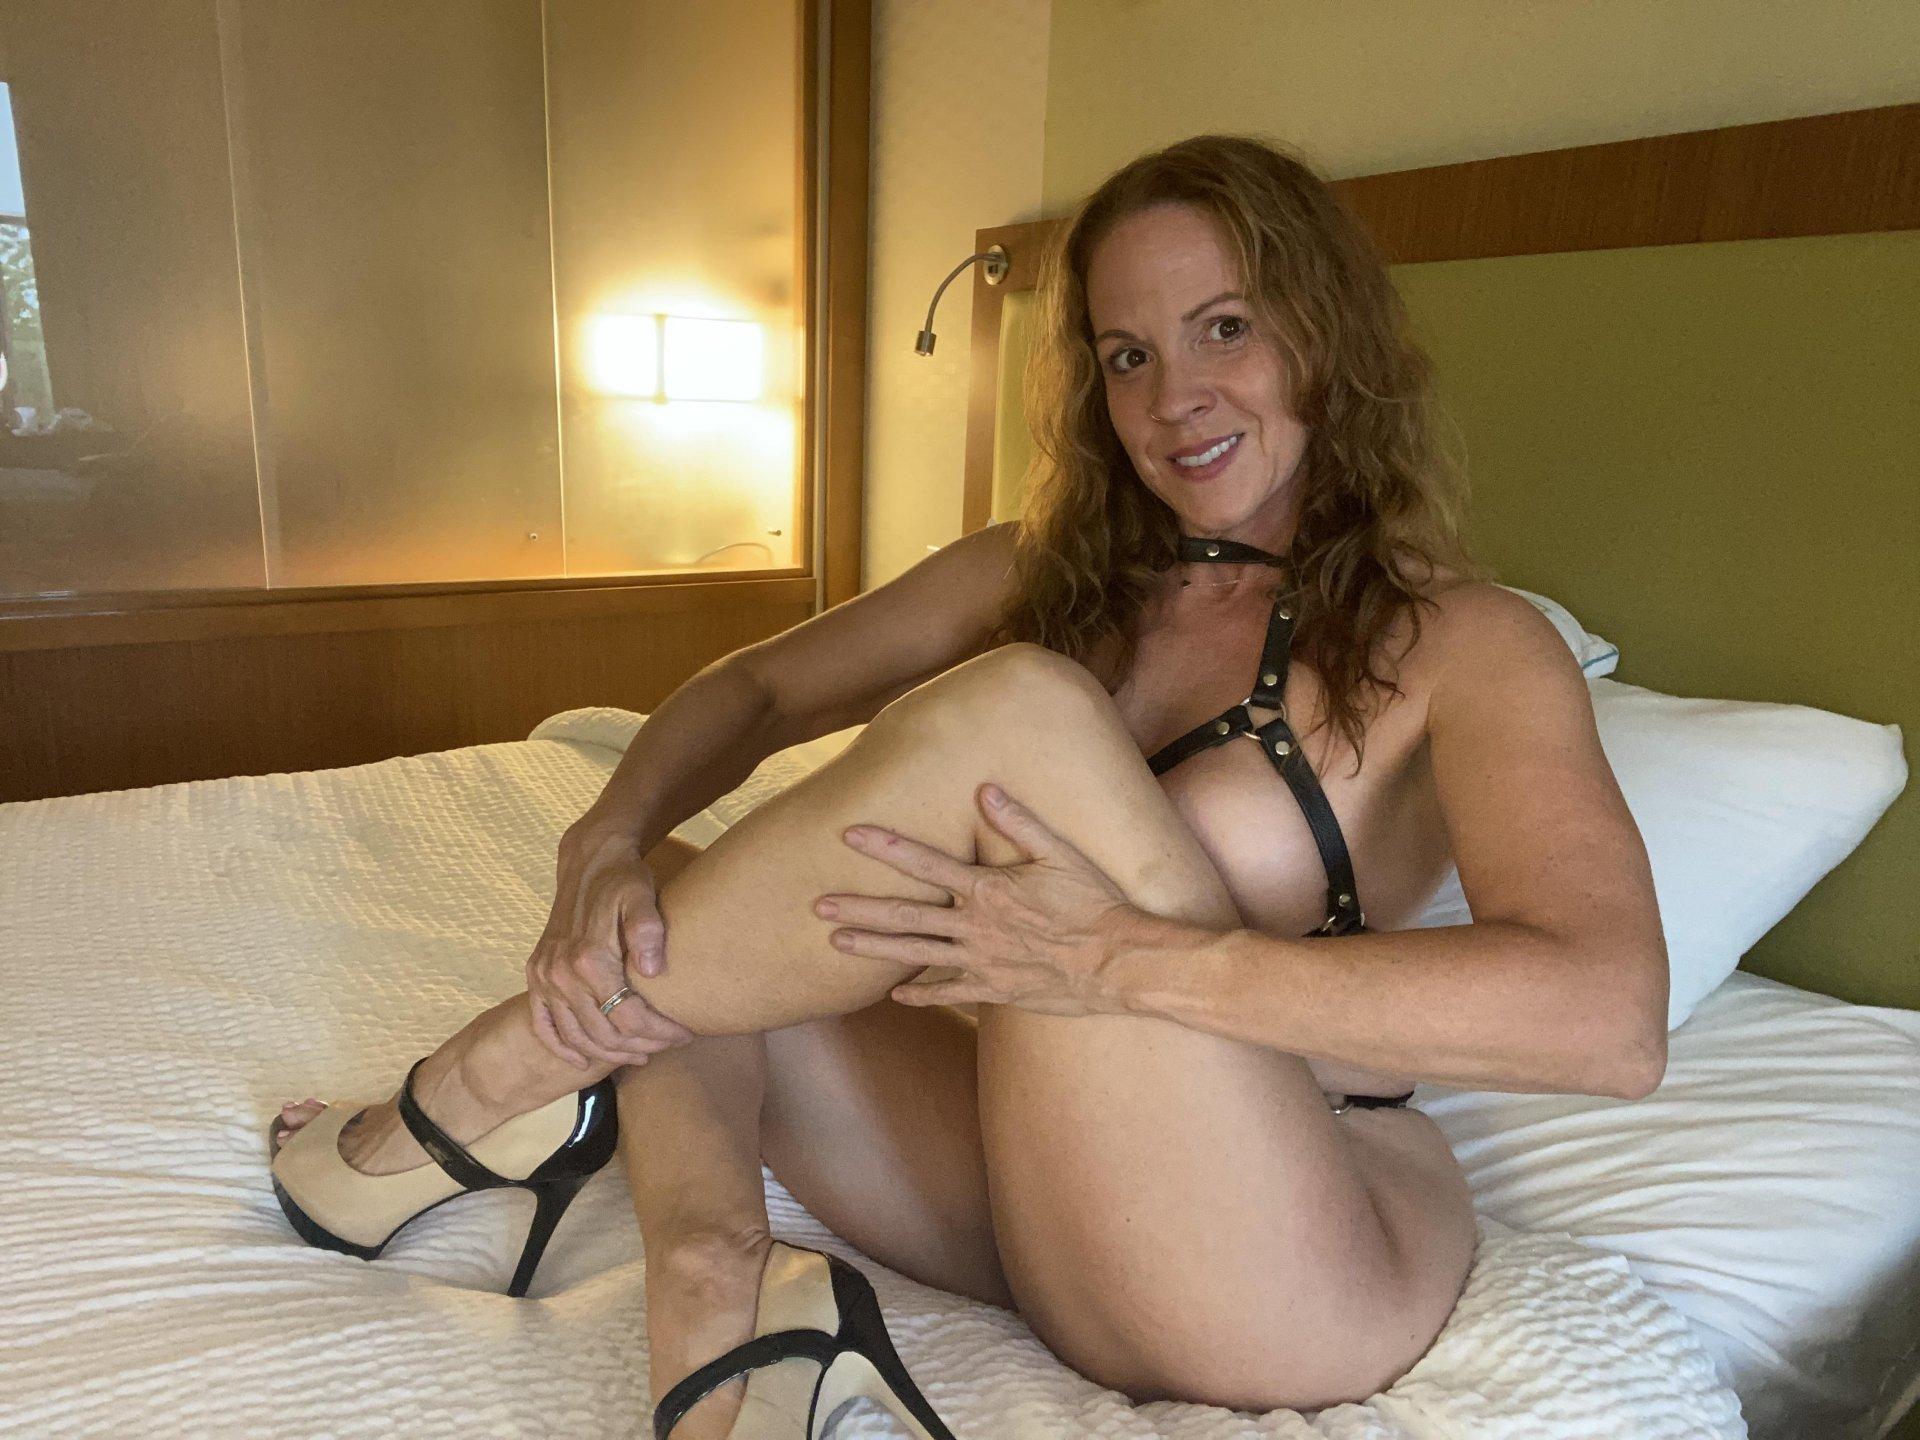 NaughtyGenevieve from Gwynedd,United Kingdom